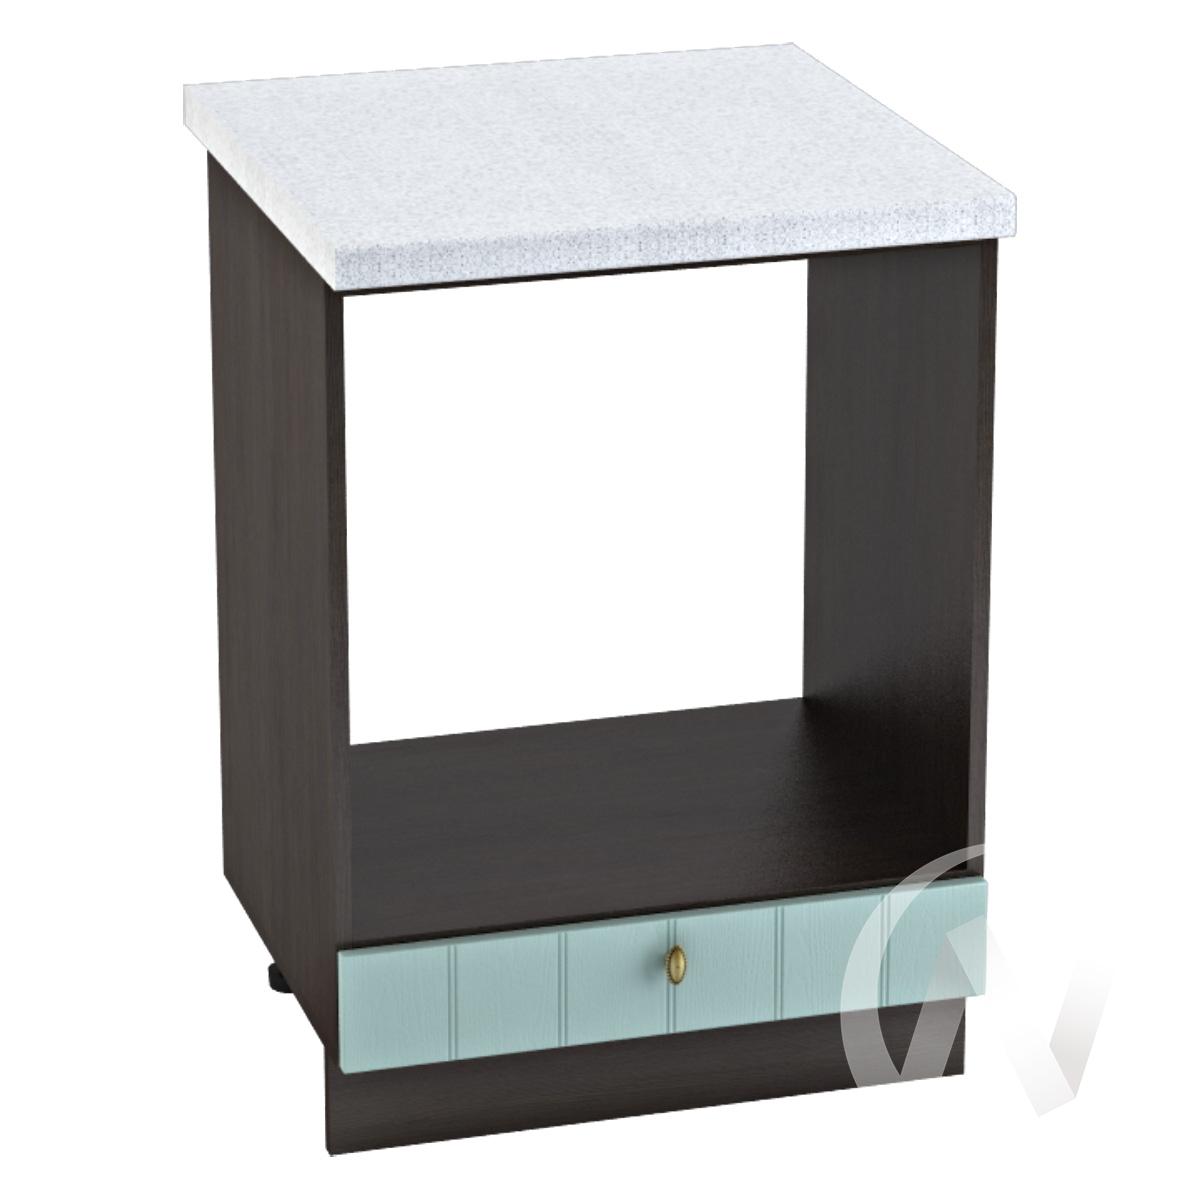 """Кухня """"Прованс"""": Шкаф нижний под духовку 600, ШНД 600 (голубой/корпус венге)"""